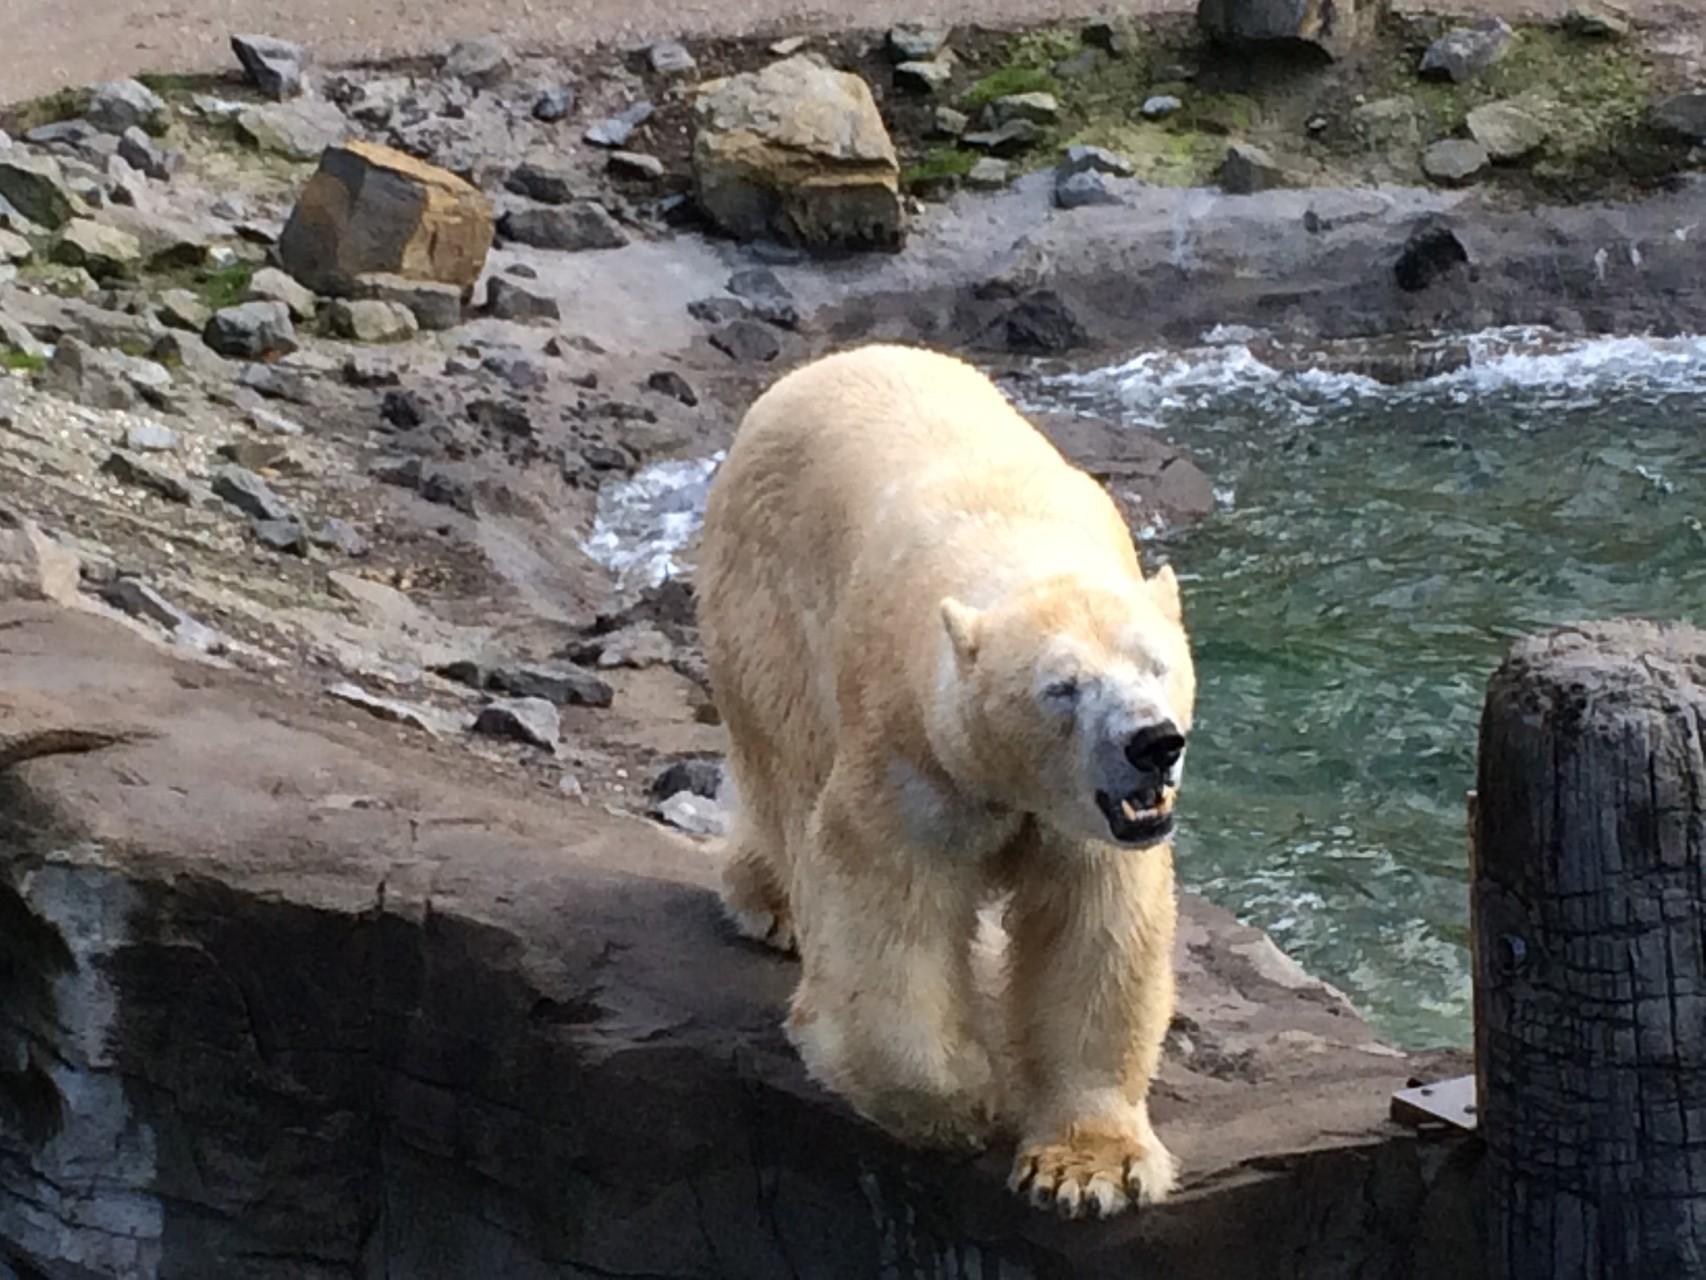 Gigantisch dieser Eisbär.